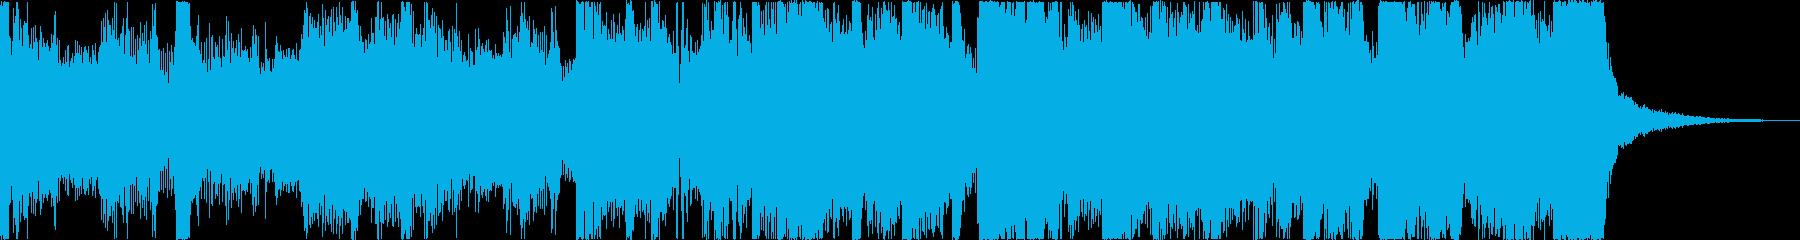 おしゃれレトロディスコシティポップgの再生済みの波形